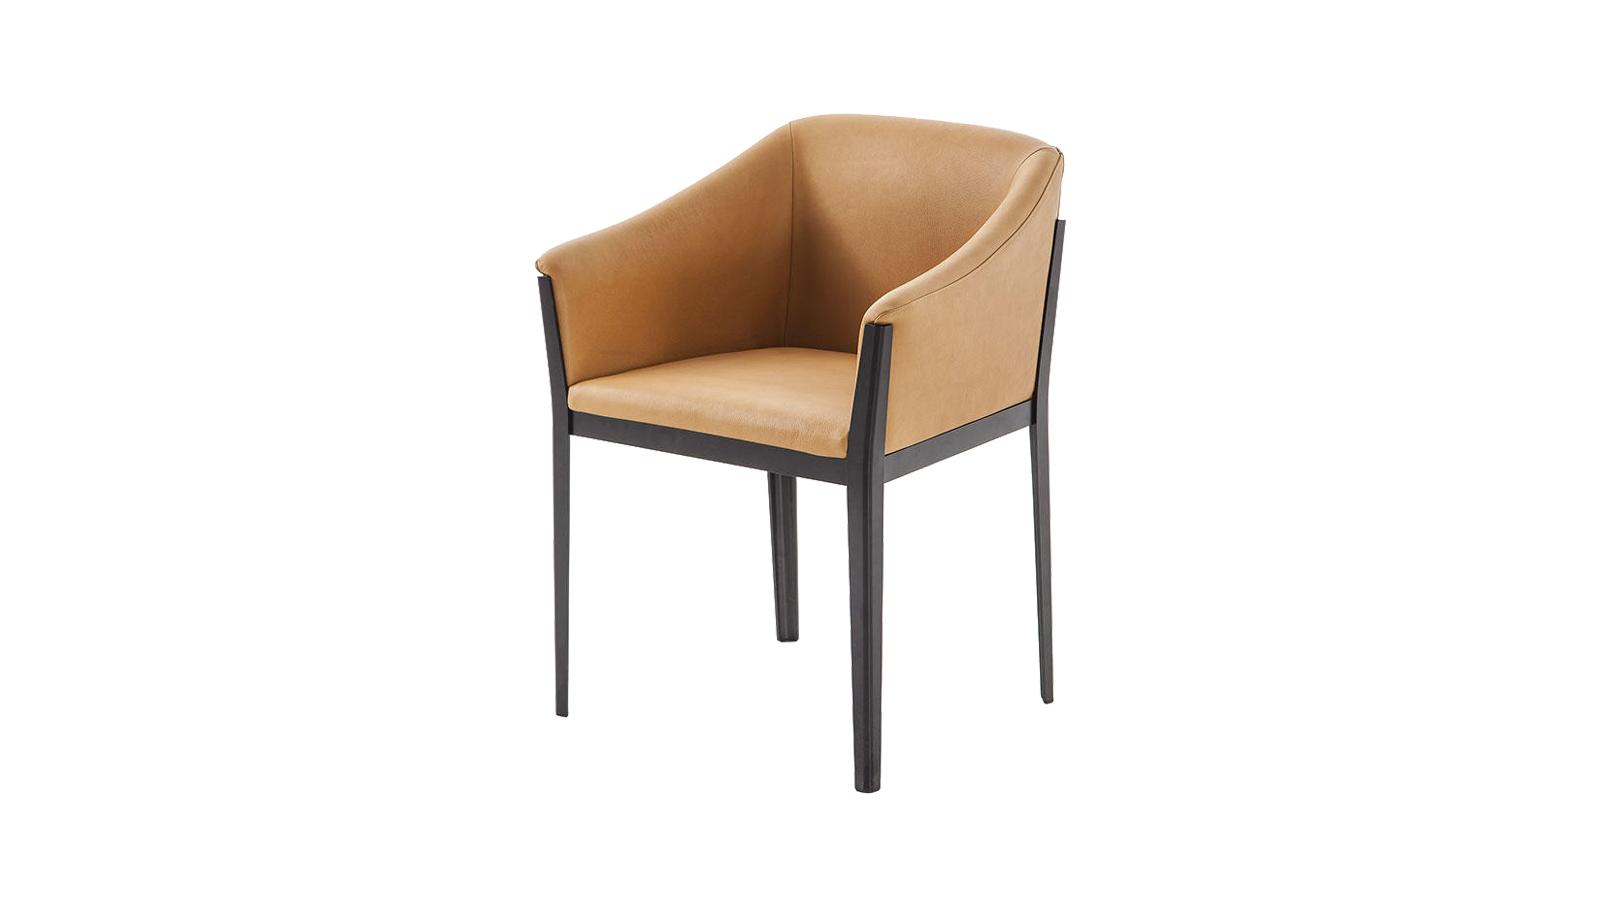 A bárszéket és a fotelt ötvözi a Cotone Slime étkezőszék kollekció, melynek megkülönböztető jegye a nyúlánk lábazata. Ennek szigorú, sallangmentes jellege tökéletes kontrasztban áll a gazdagon párnázott, prémium textíliával ellátott üléssel. Épp olyan, amilyennek egy étkezőszéknek lennie kell: kényelmes, harmonikusan ellentmondásokkal teli és modern.